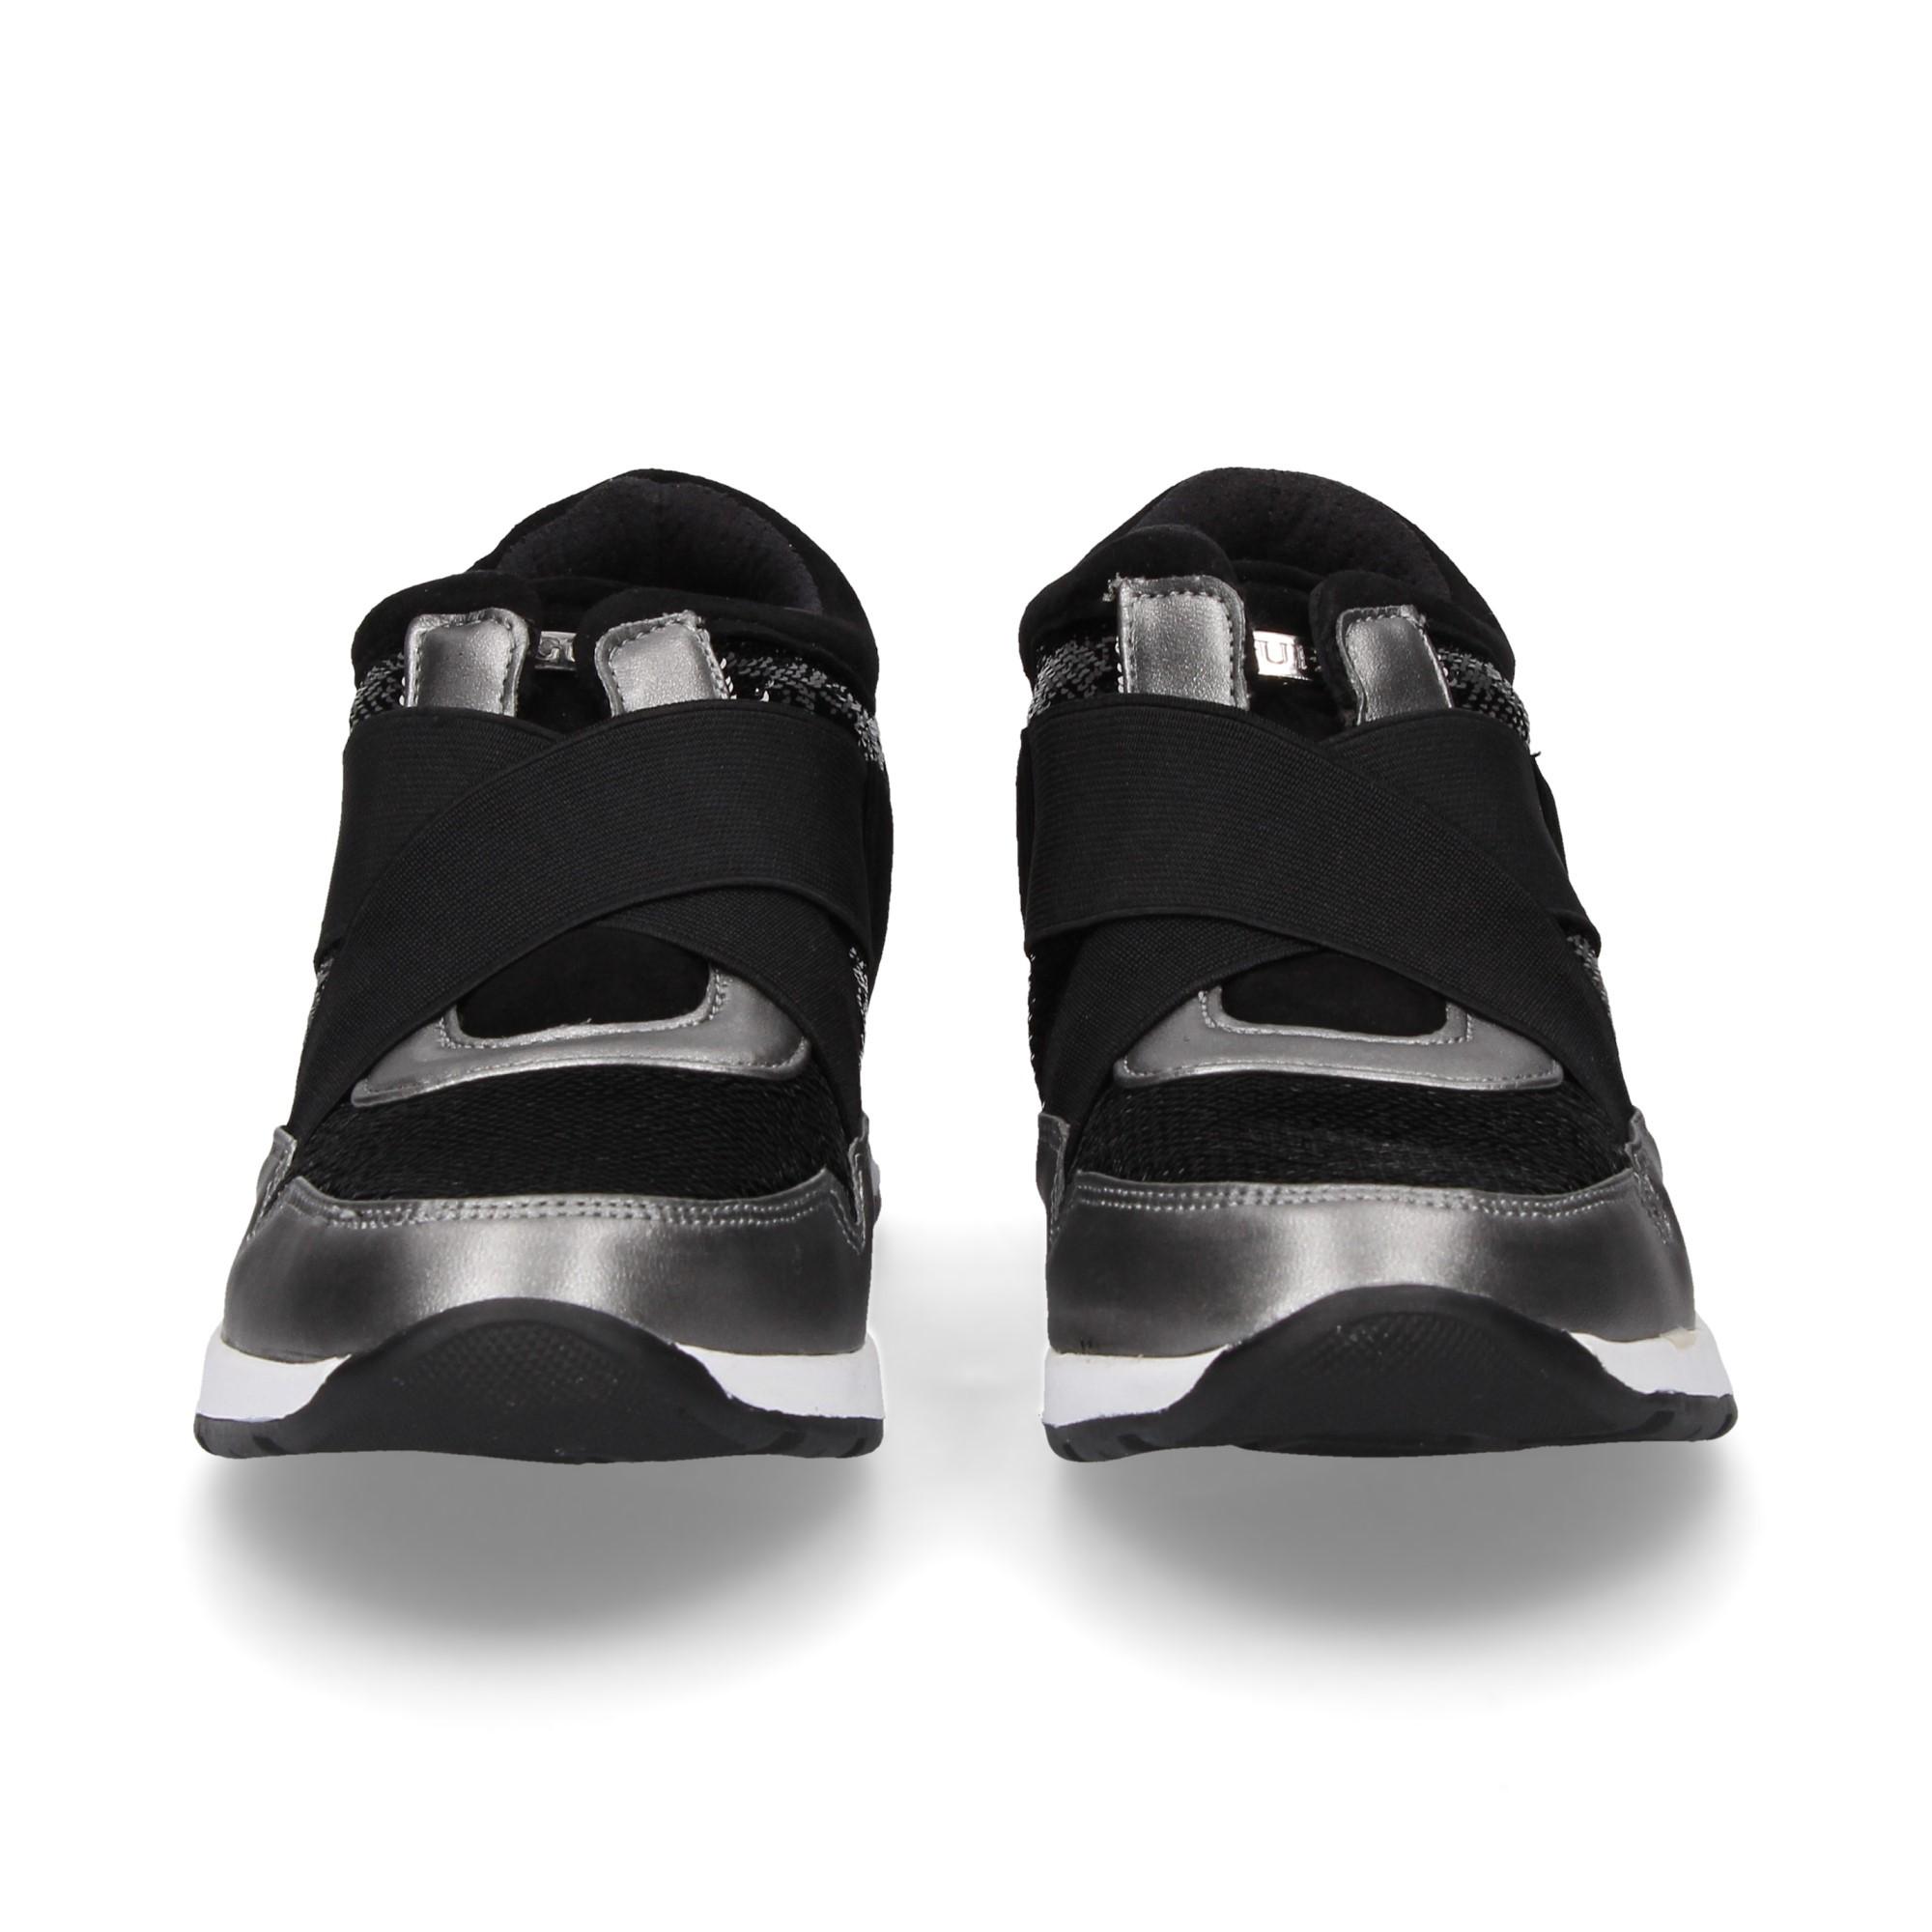 deportivo-elasticos-cruzados-negro